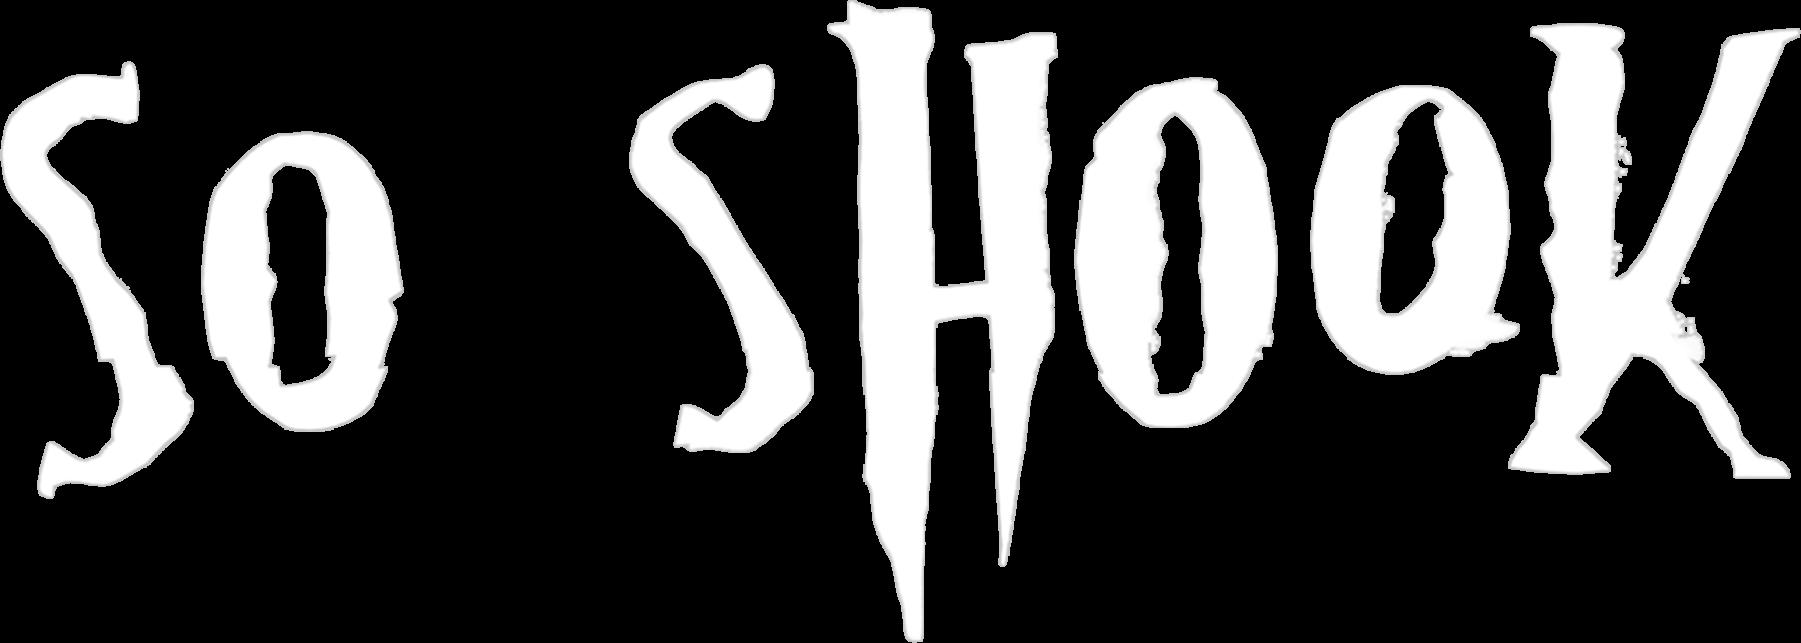 So Shook